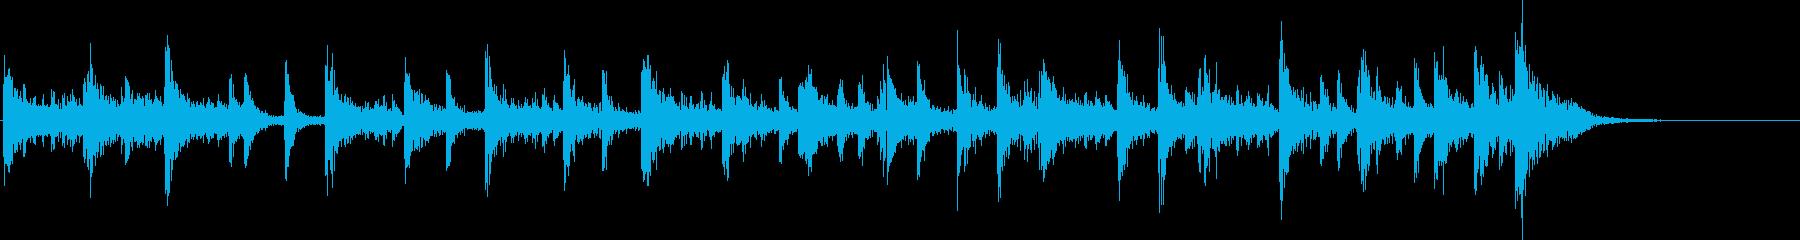 マーチングテーマ1:ドラムのみの再生済みの波形